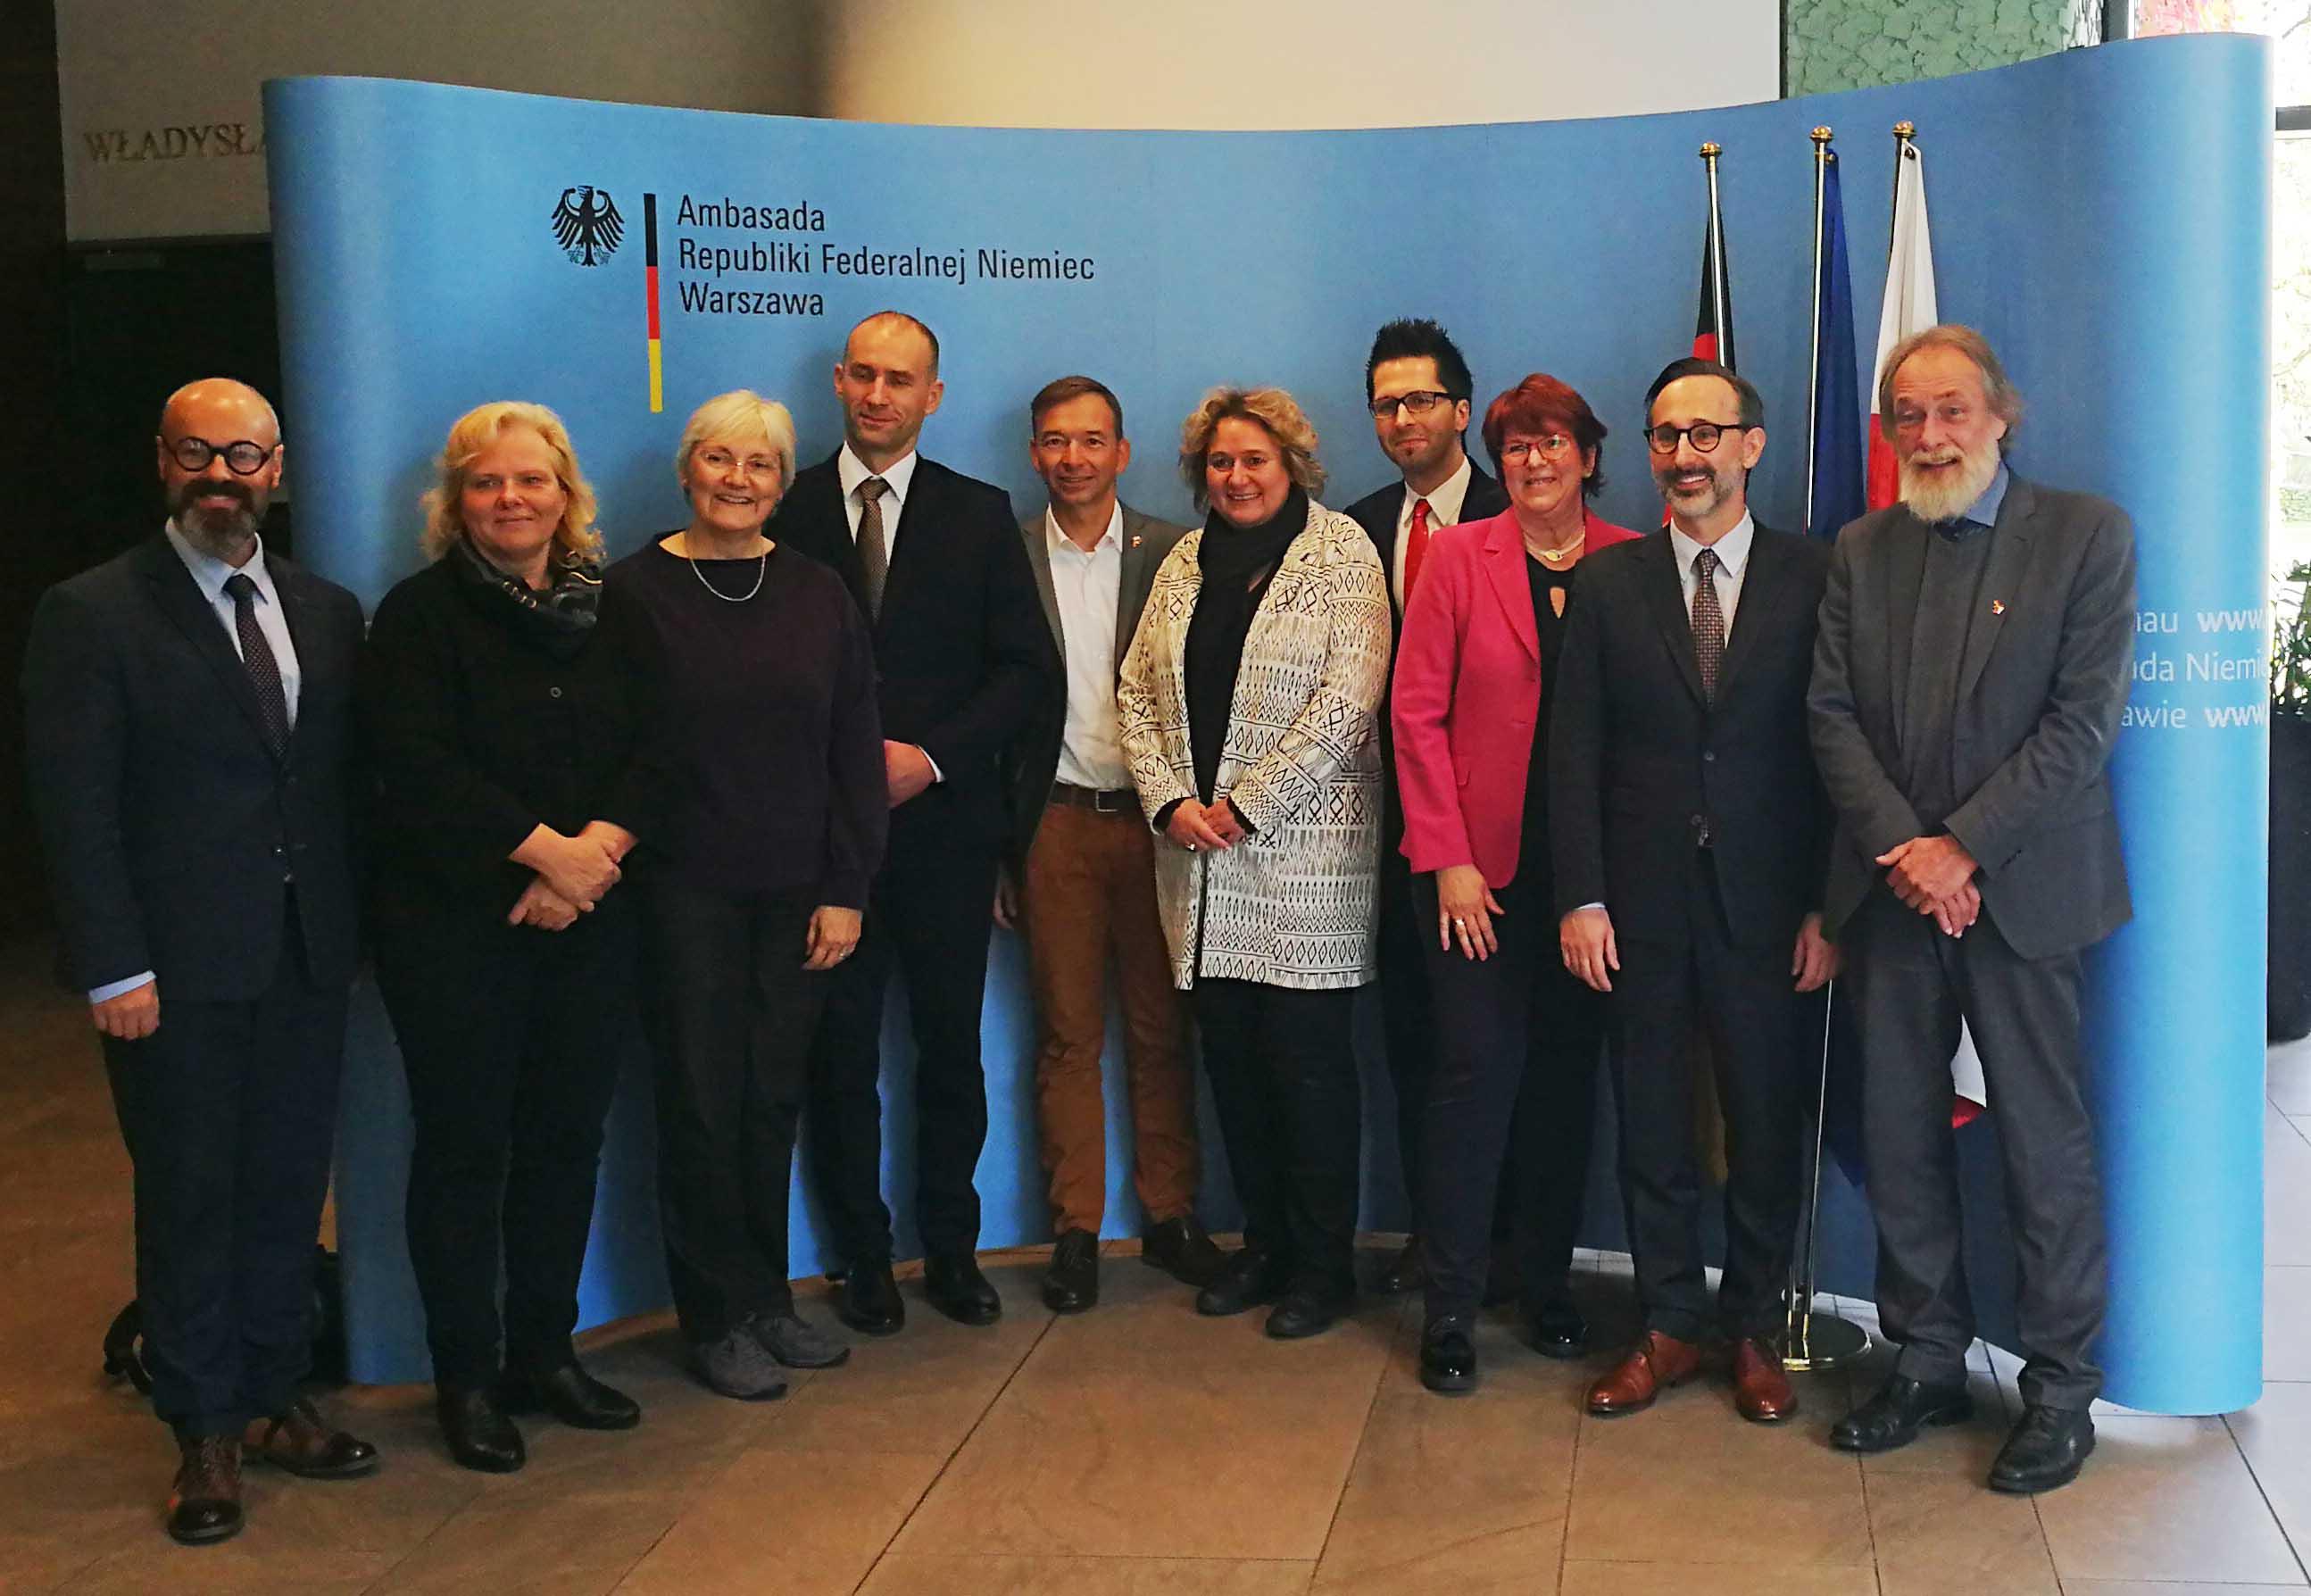 Europäische Konferenz am 10.10.2019 in Warschau